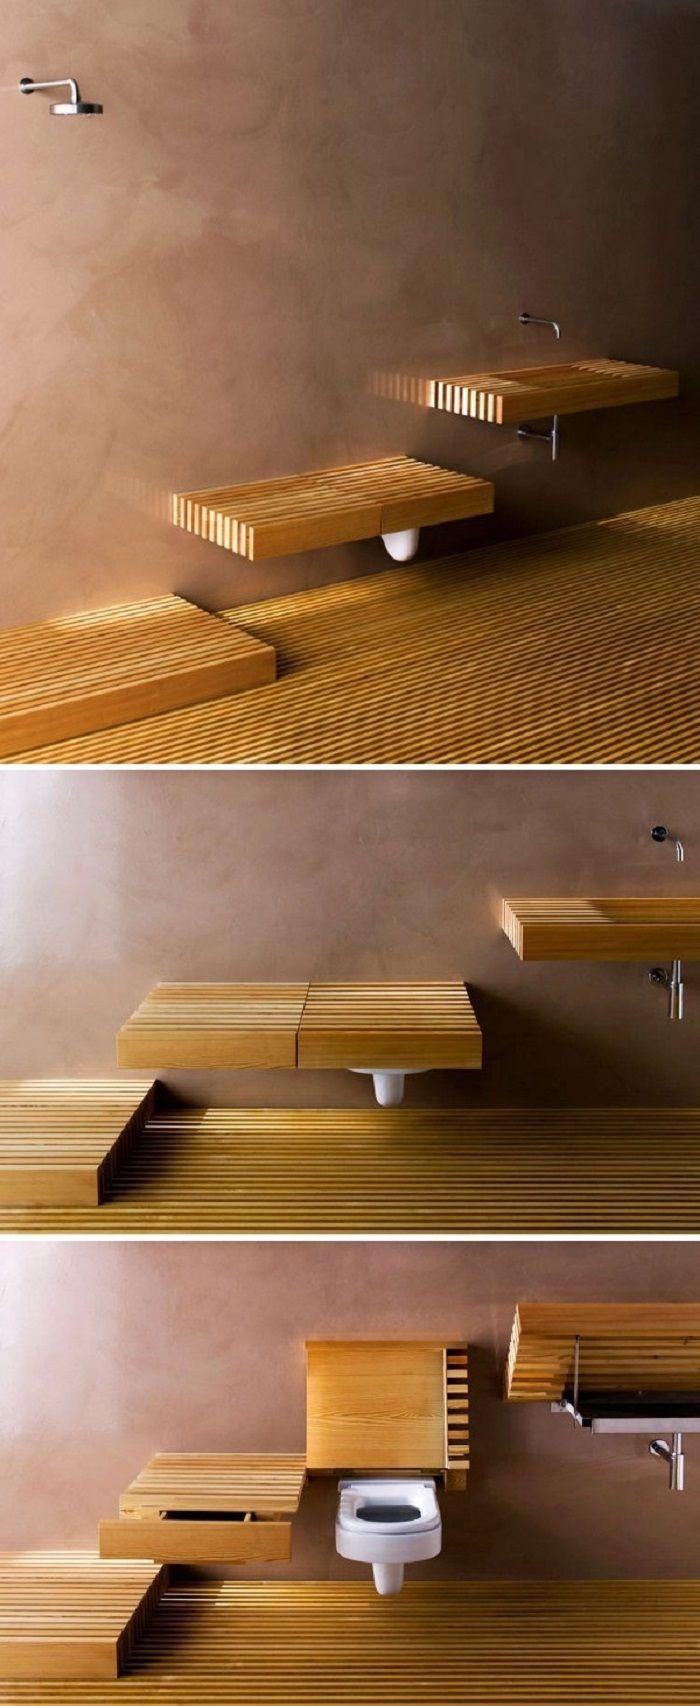 unusual sinks